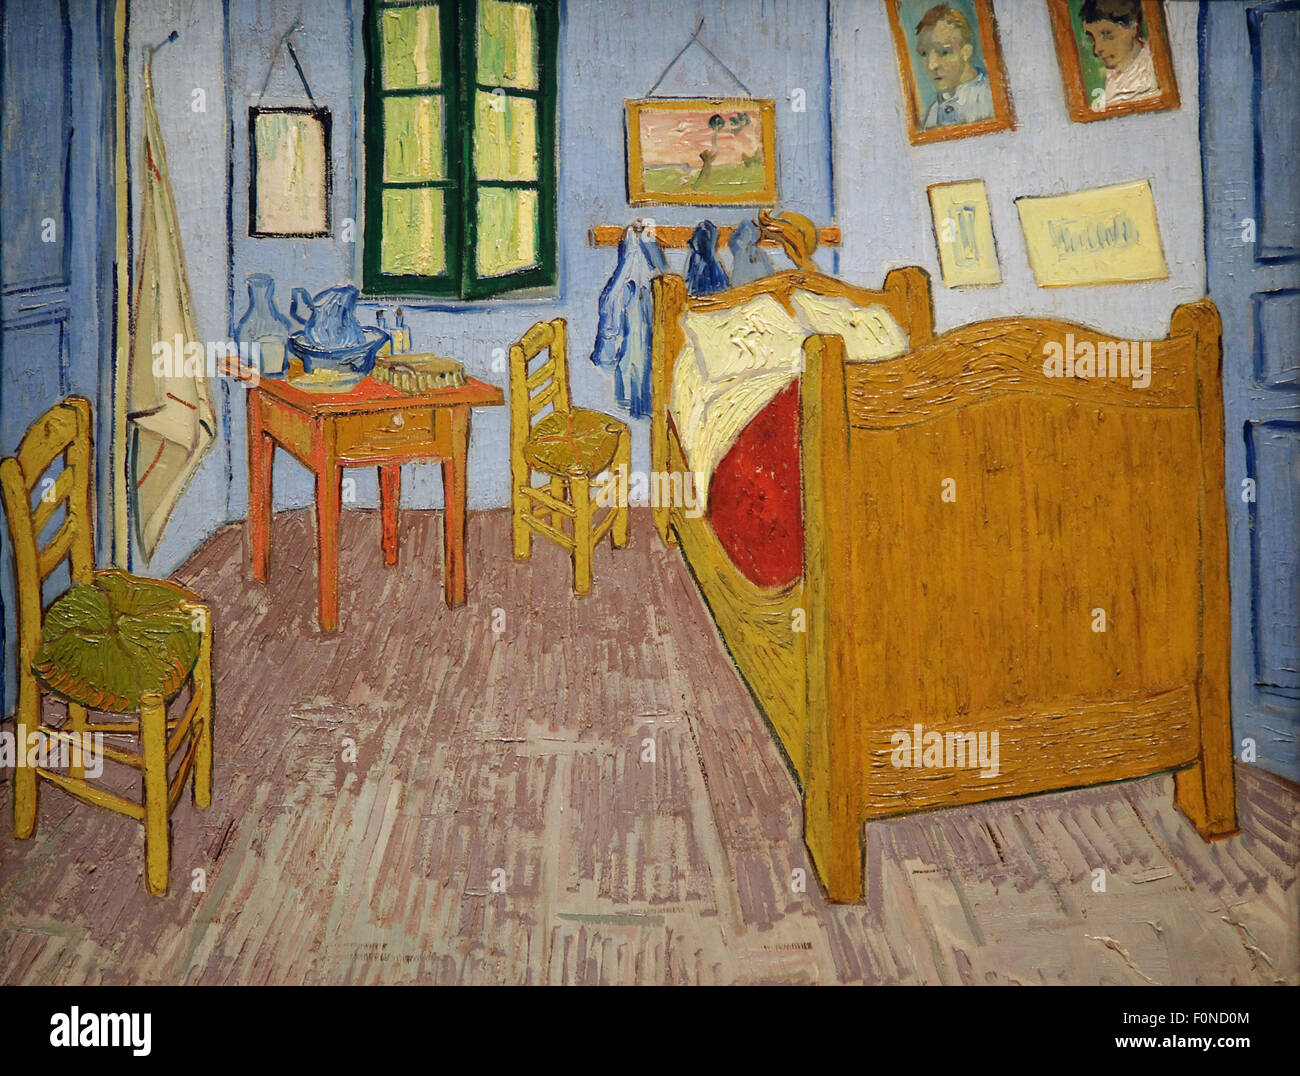 Camera da letto in arles la chambre arles simile tre dipinti di vincent van gogh 1853 1890 - La camera da letto van gogh ...